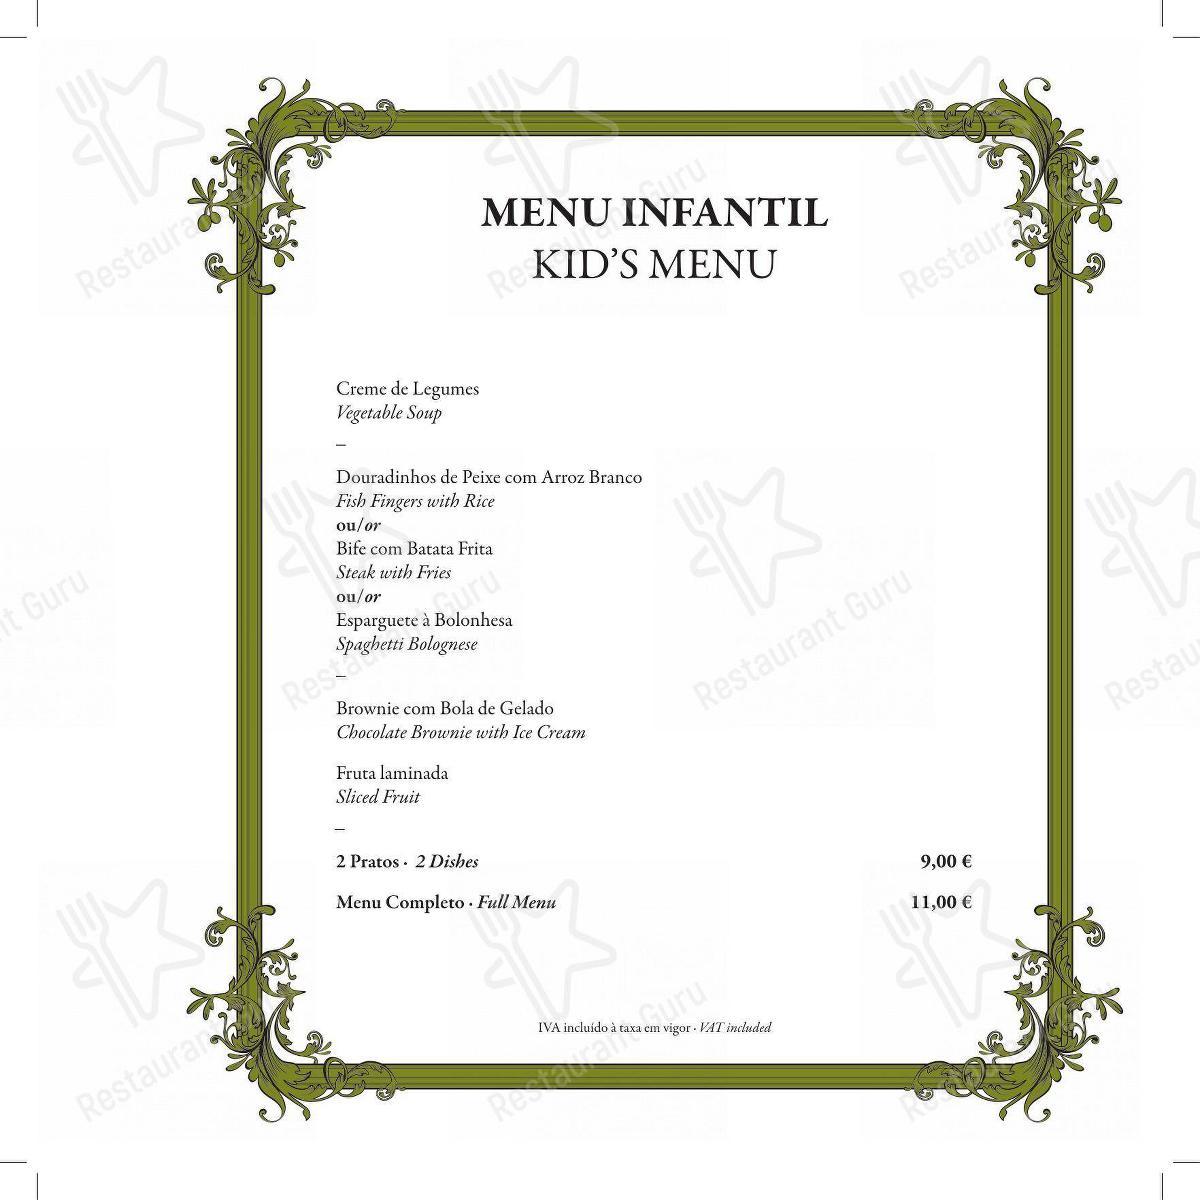 Restaurante Mercearia Eborim menu